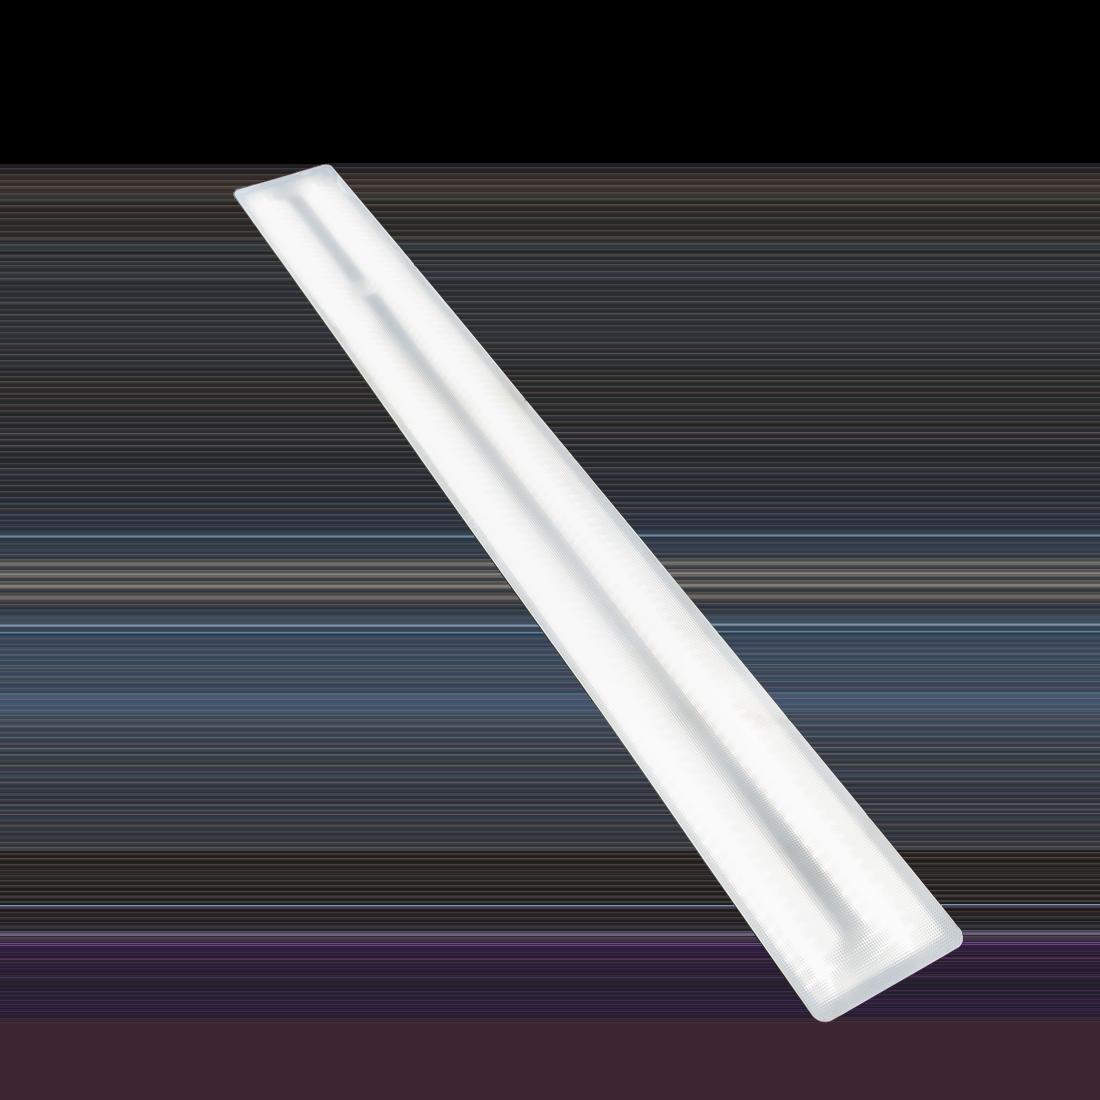 Светильник LED Сеть Microprisma 36Вт 4000K 4440Лм